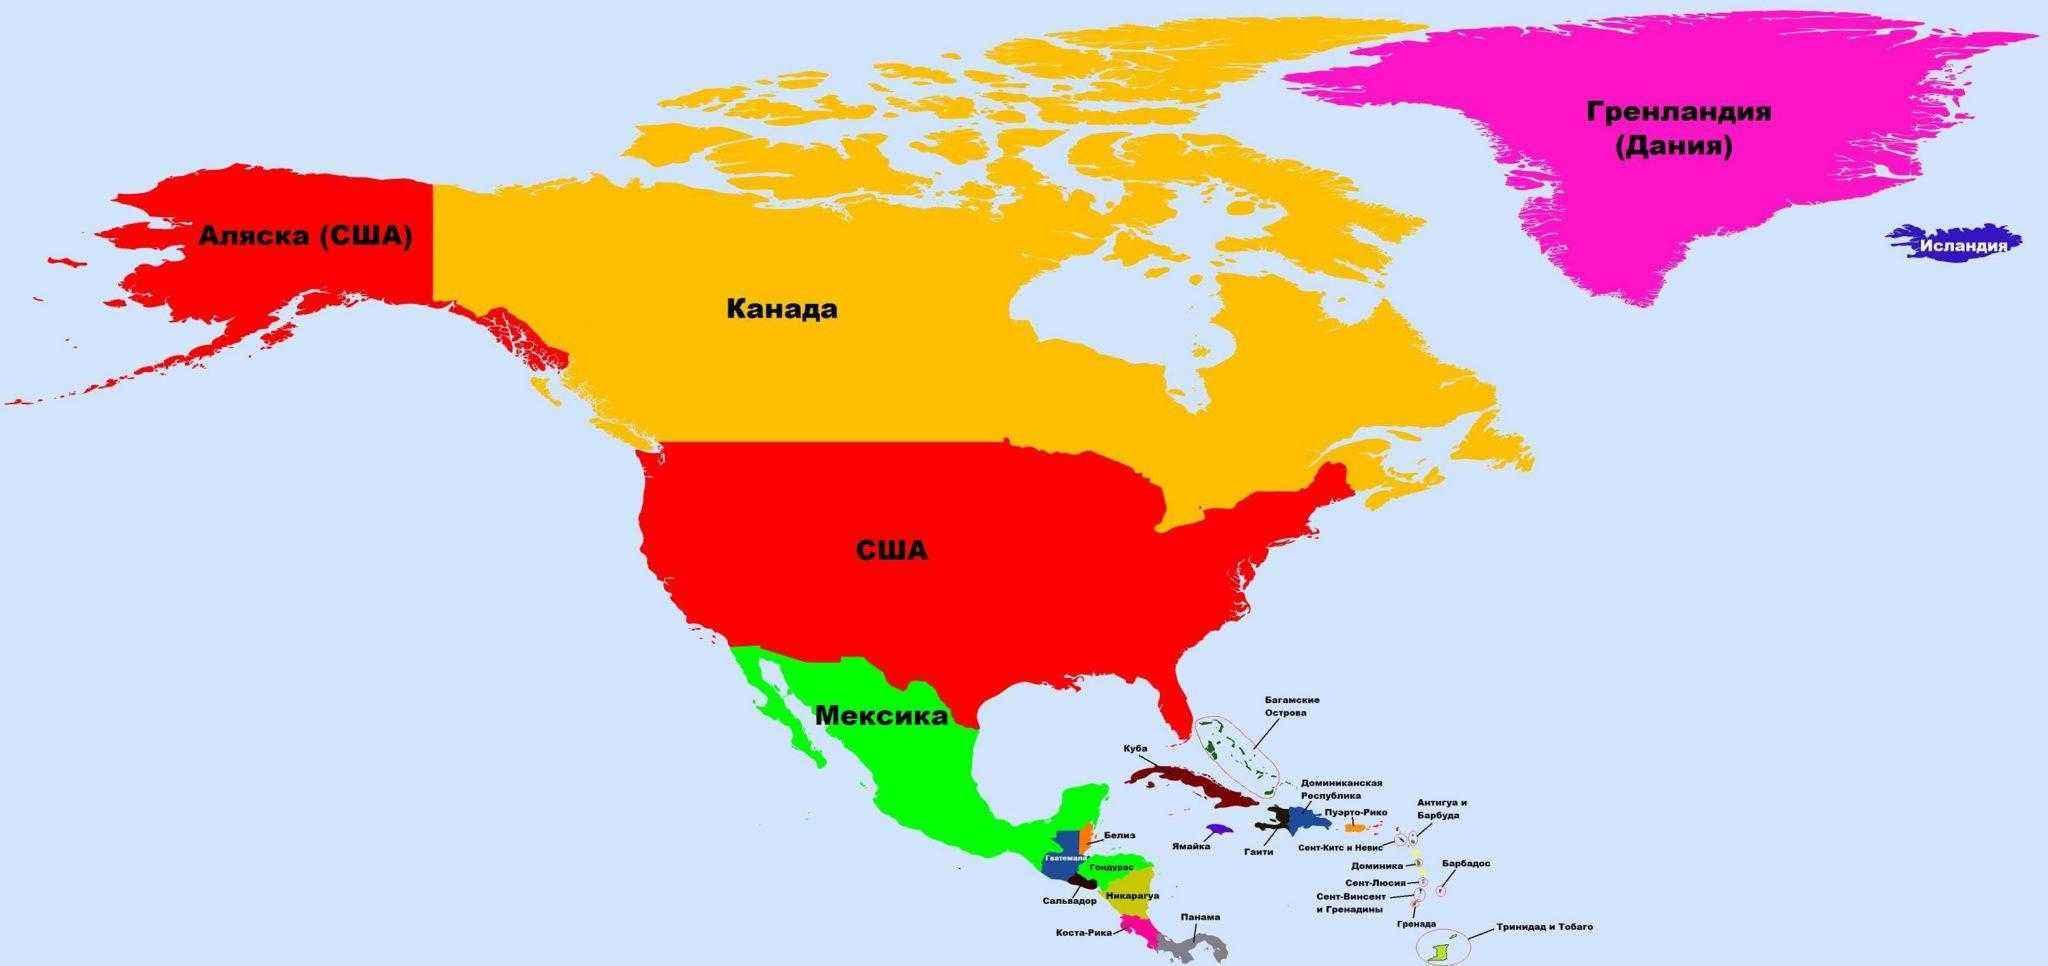 Политическая карта и список всех стран Северной Америки с названиями столиц 2